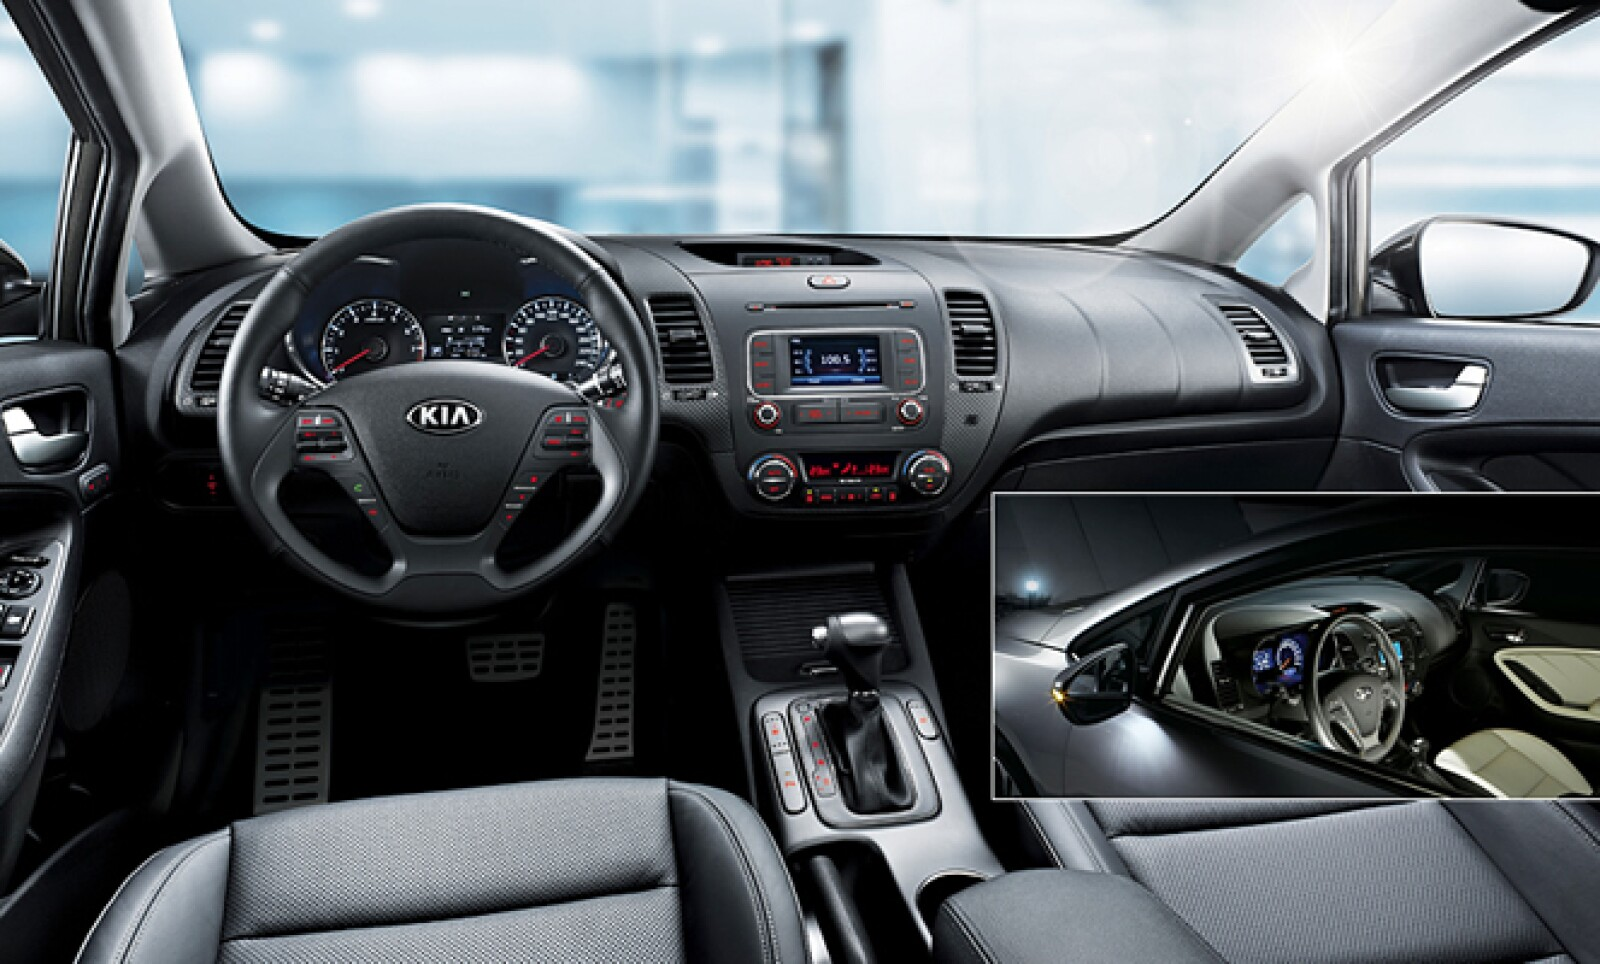 El puesto de manejo está pensado al conductor y tiene un diseño intuitivo que combina funcionalidad y estilo.